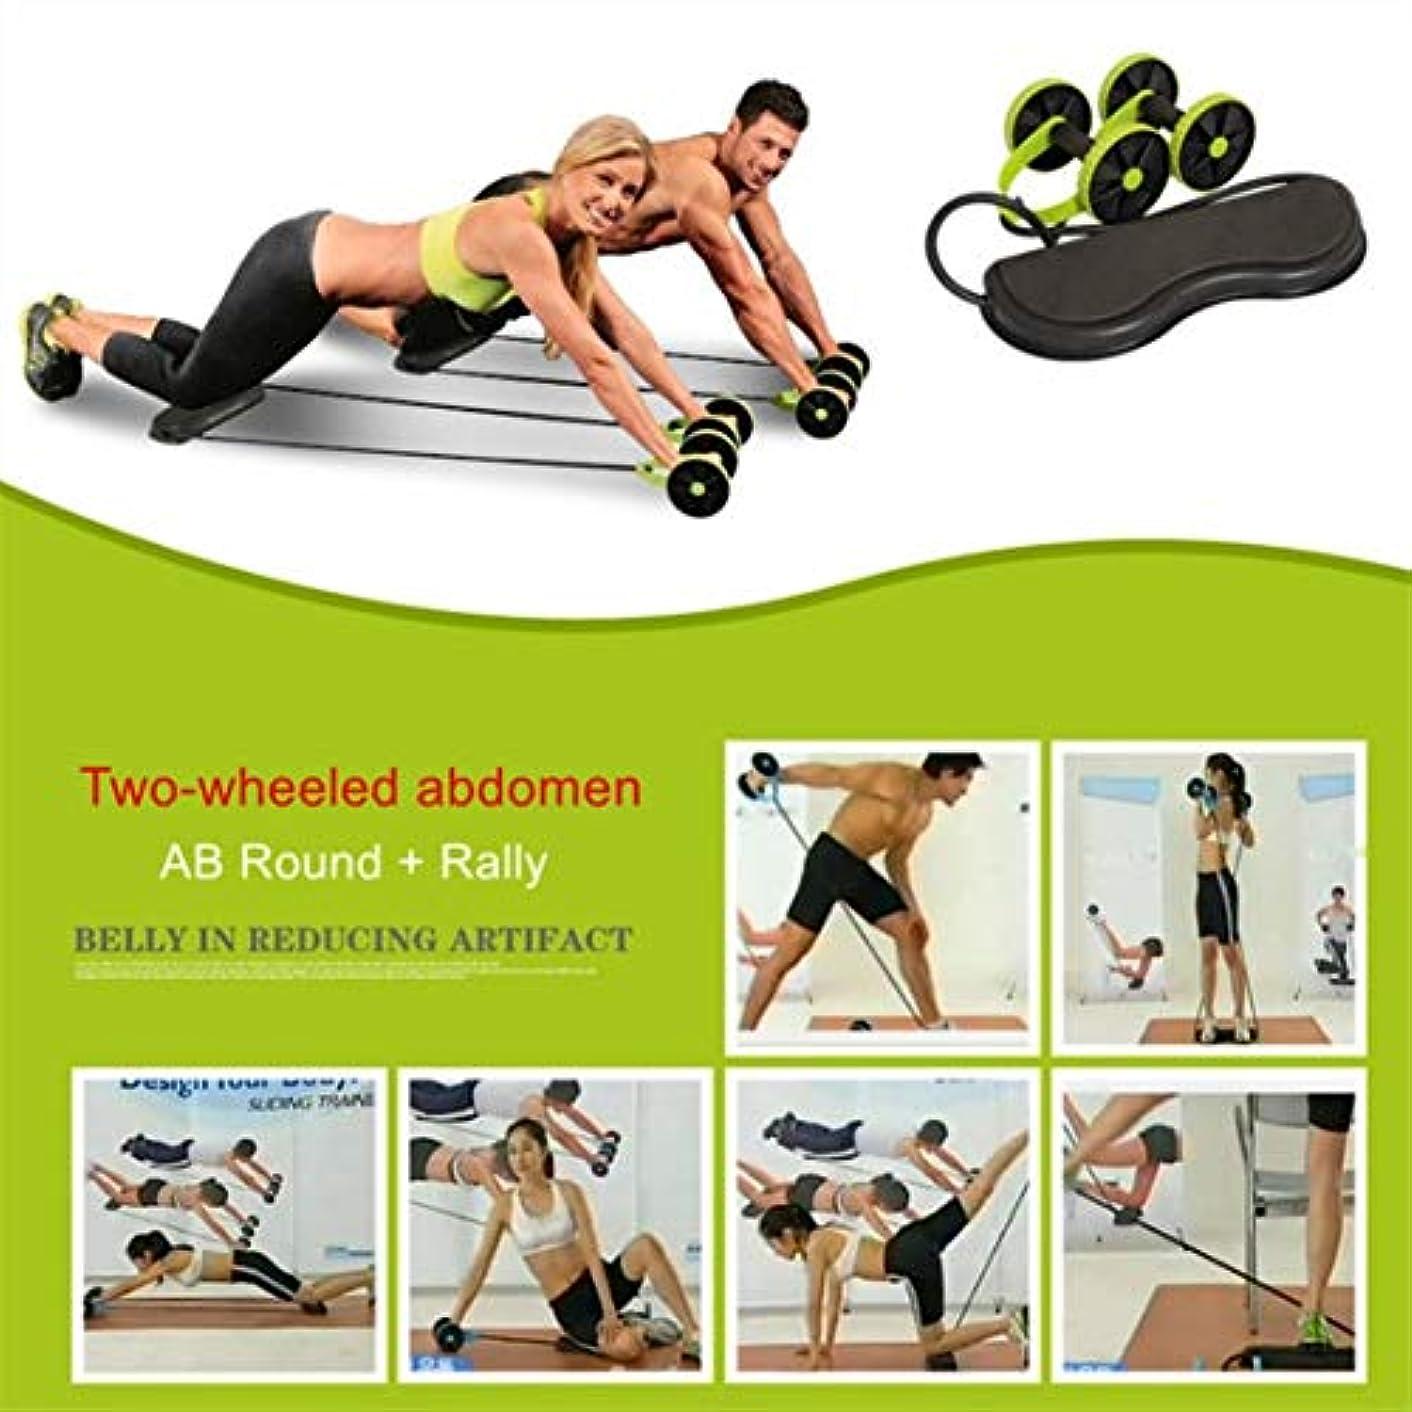 遺体安置所準備するスノーケルJS-04多機能腹輪腹筋輪腹輪テンションロープ筋肉トレーニングマシン